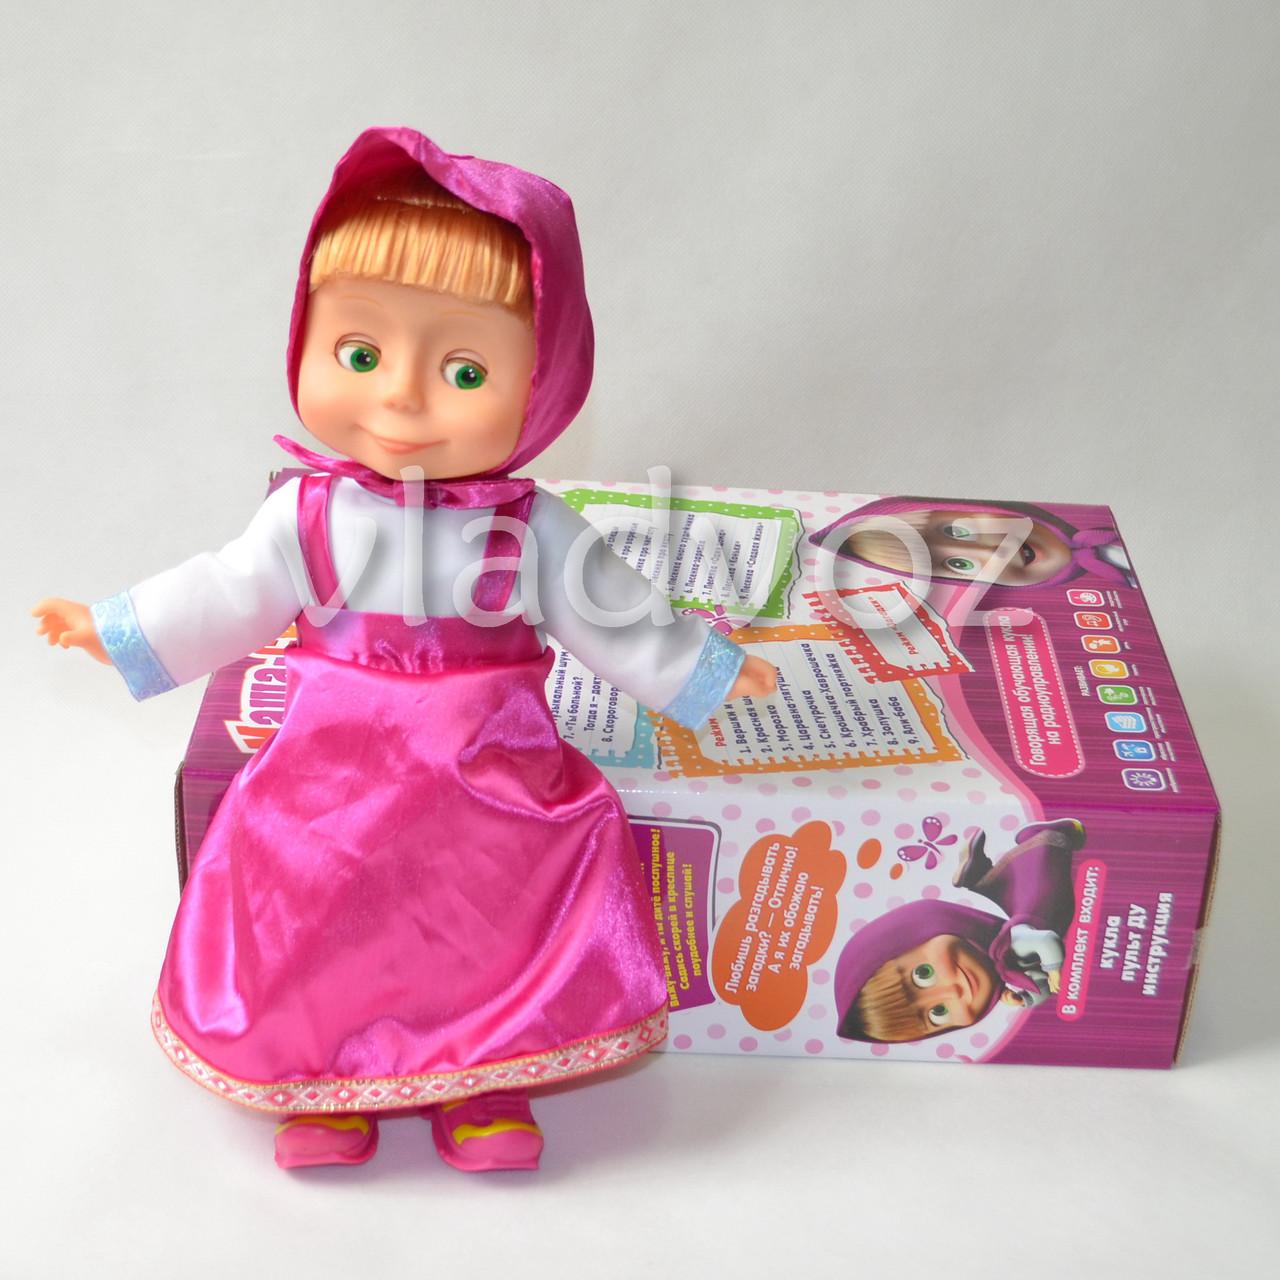 Интерактивная кукла Маша на пульте управления - поет и рассказывает сказки красное платье